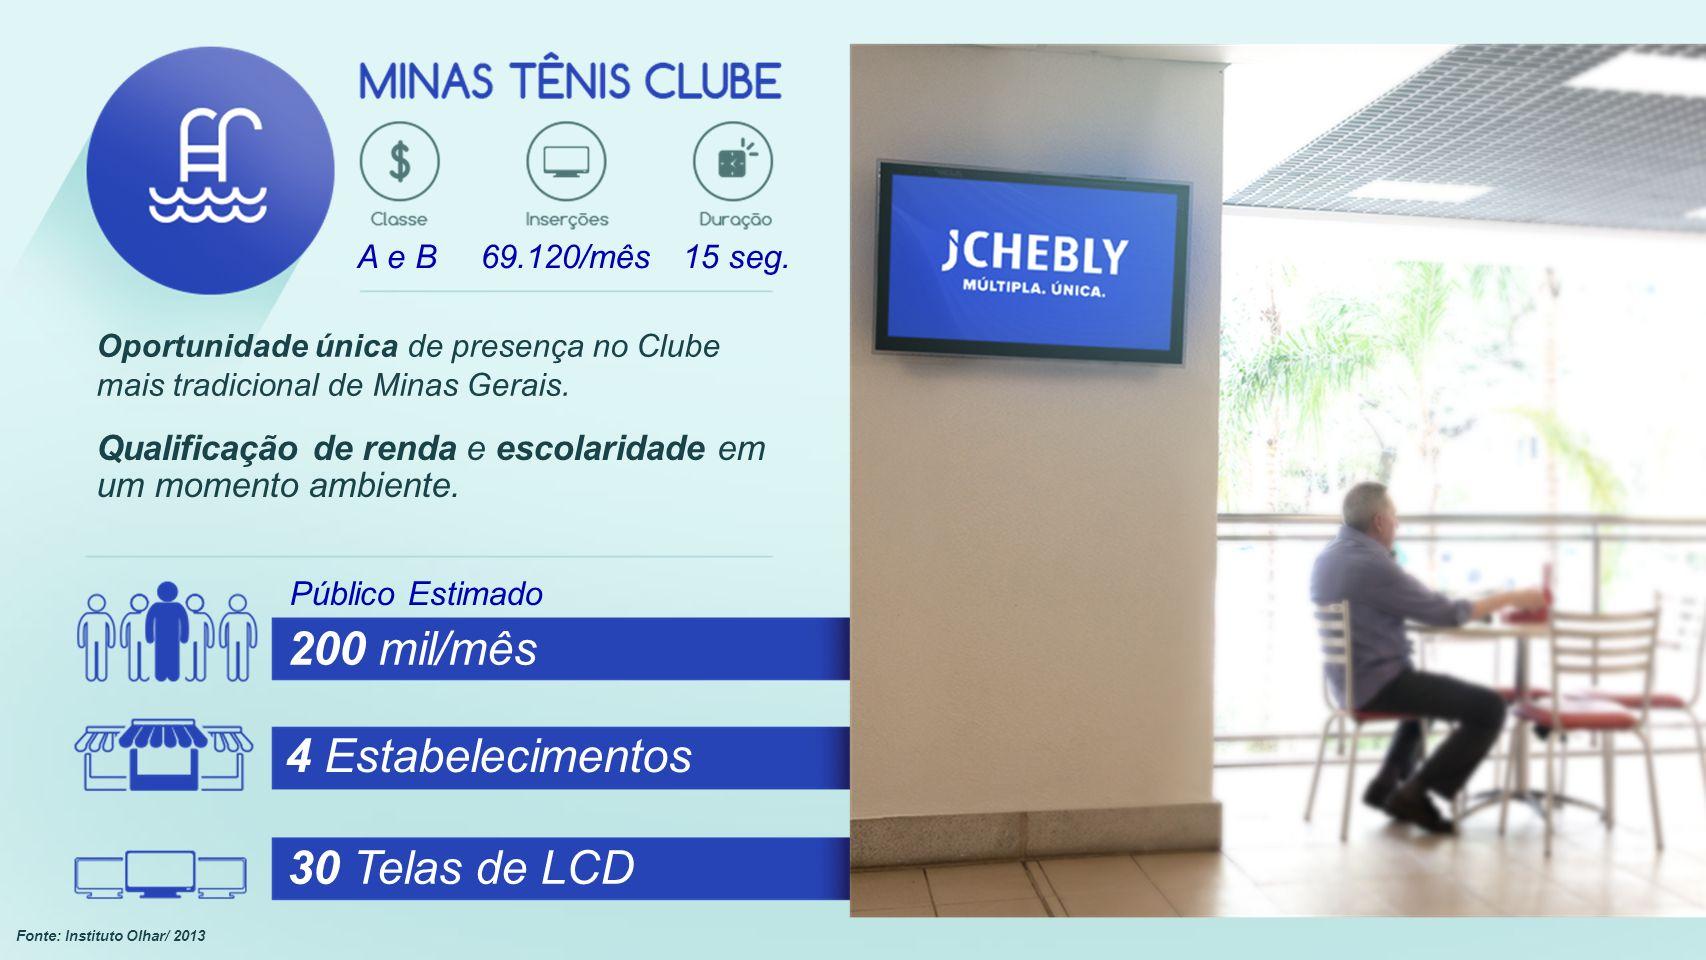 Público Estimado 200 mil/mês 4 Estabelecimentos 30 Telas de LCD A e B69.120/mês15 seg.